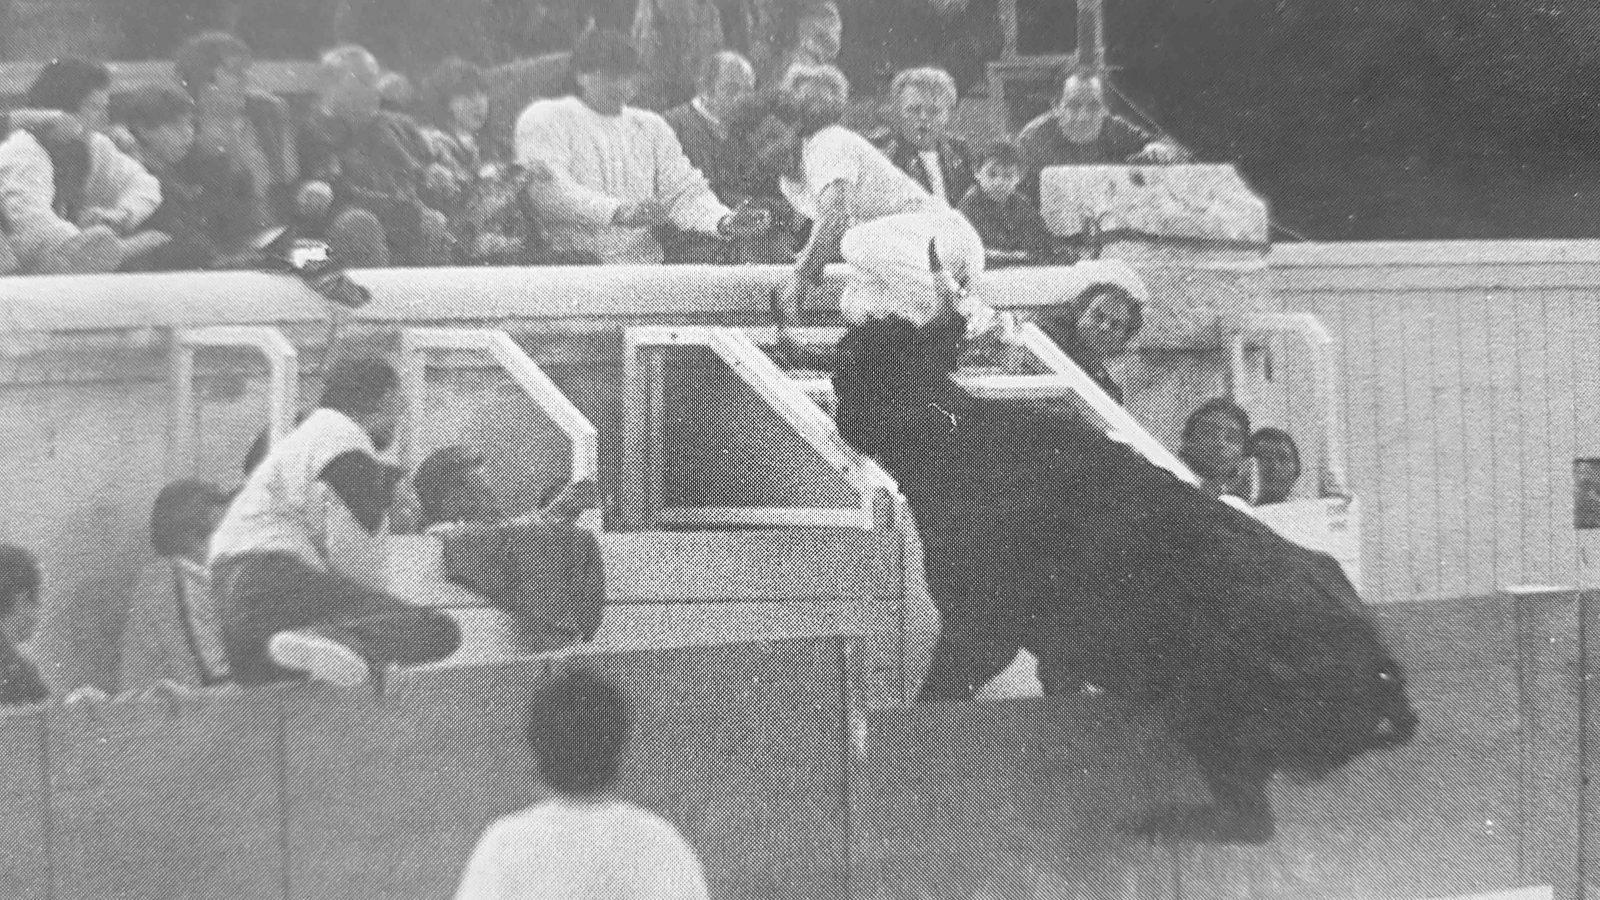 ARCHIVE // FEVRIER SOUS LA BULLE – NÎMES 1992 – Des Cuillé spectaculaires, Frédéric Durand : retour heureux